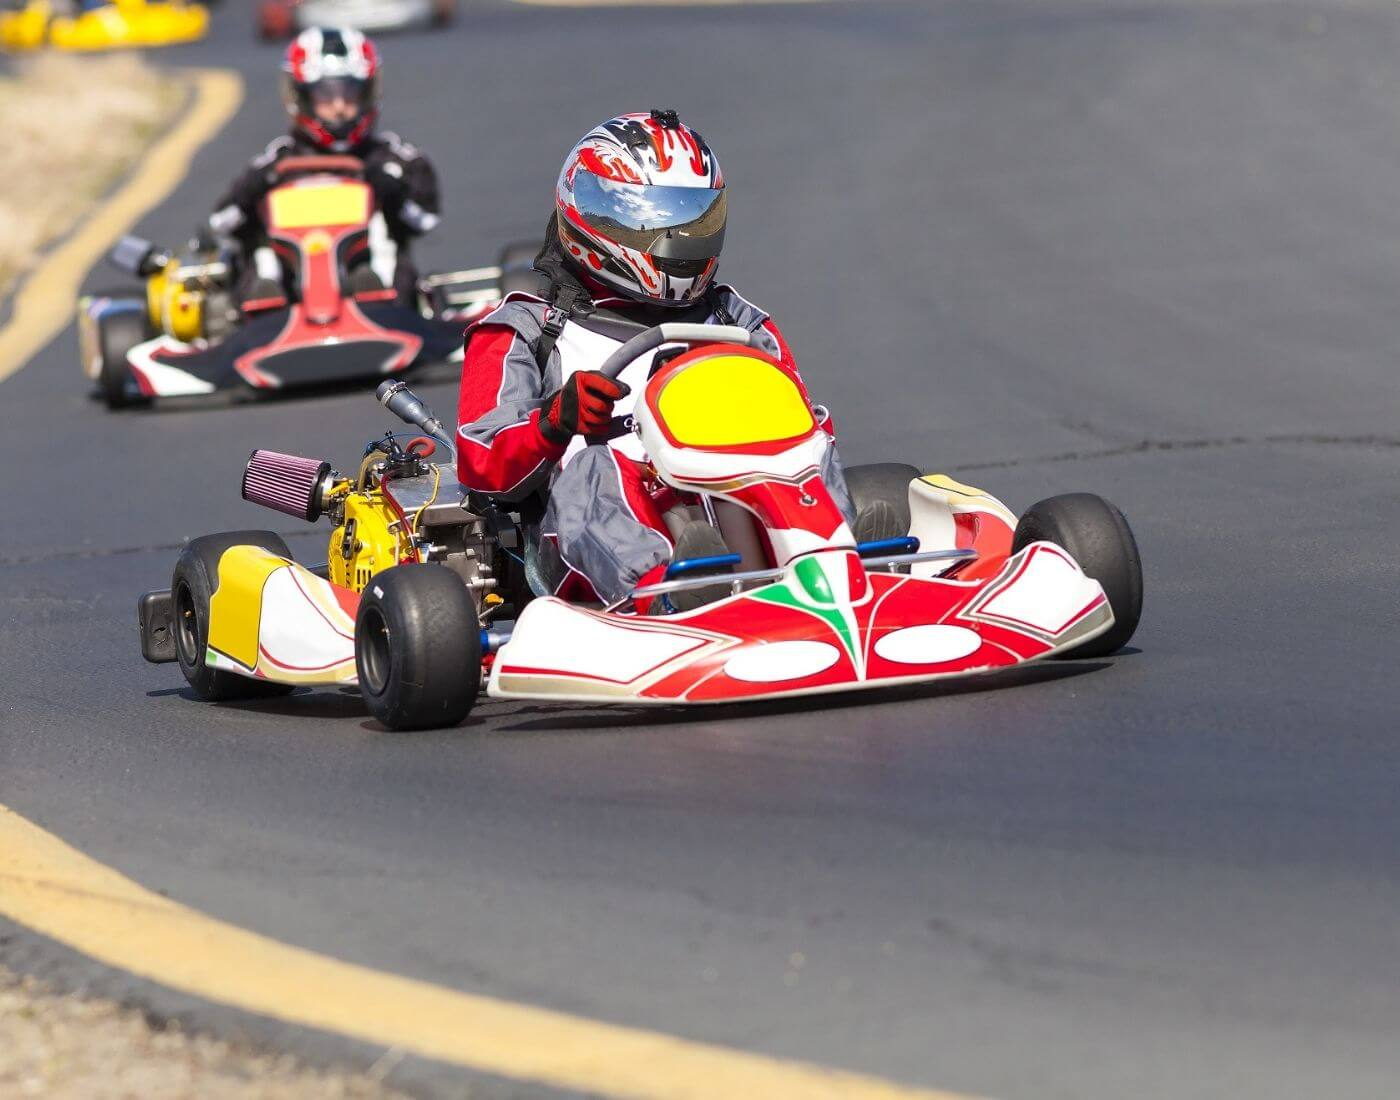 Karting motor sports